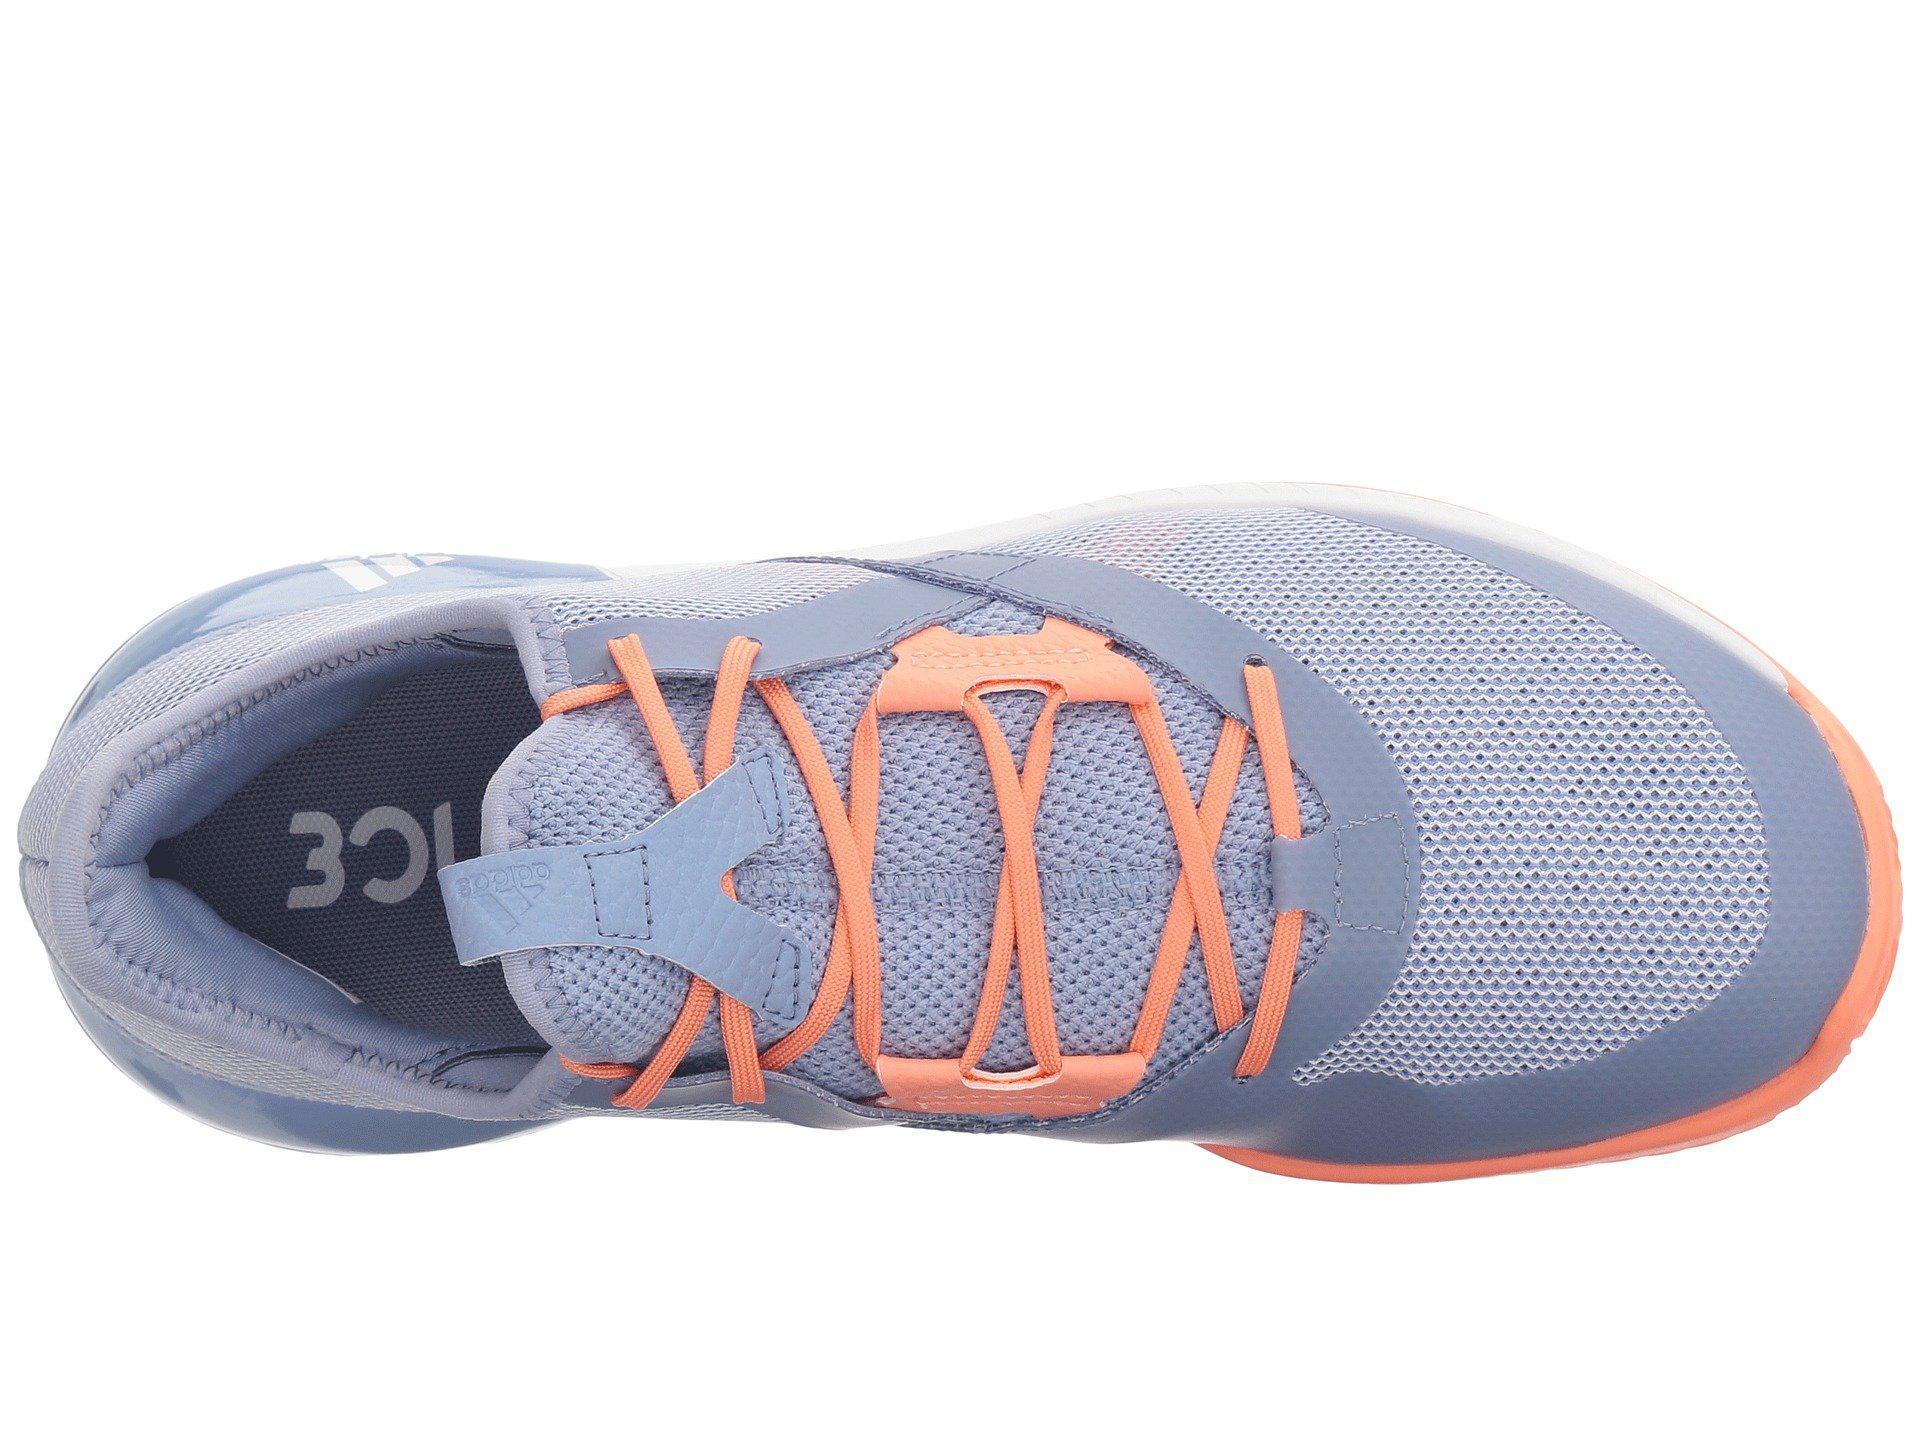 buy popular a03c2 6d0cc Lyst - adidas Adizero Defiant Bounce (legend Inkshock Pinkwh